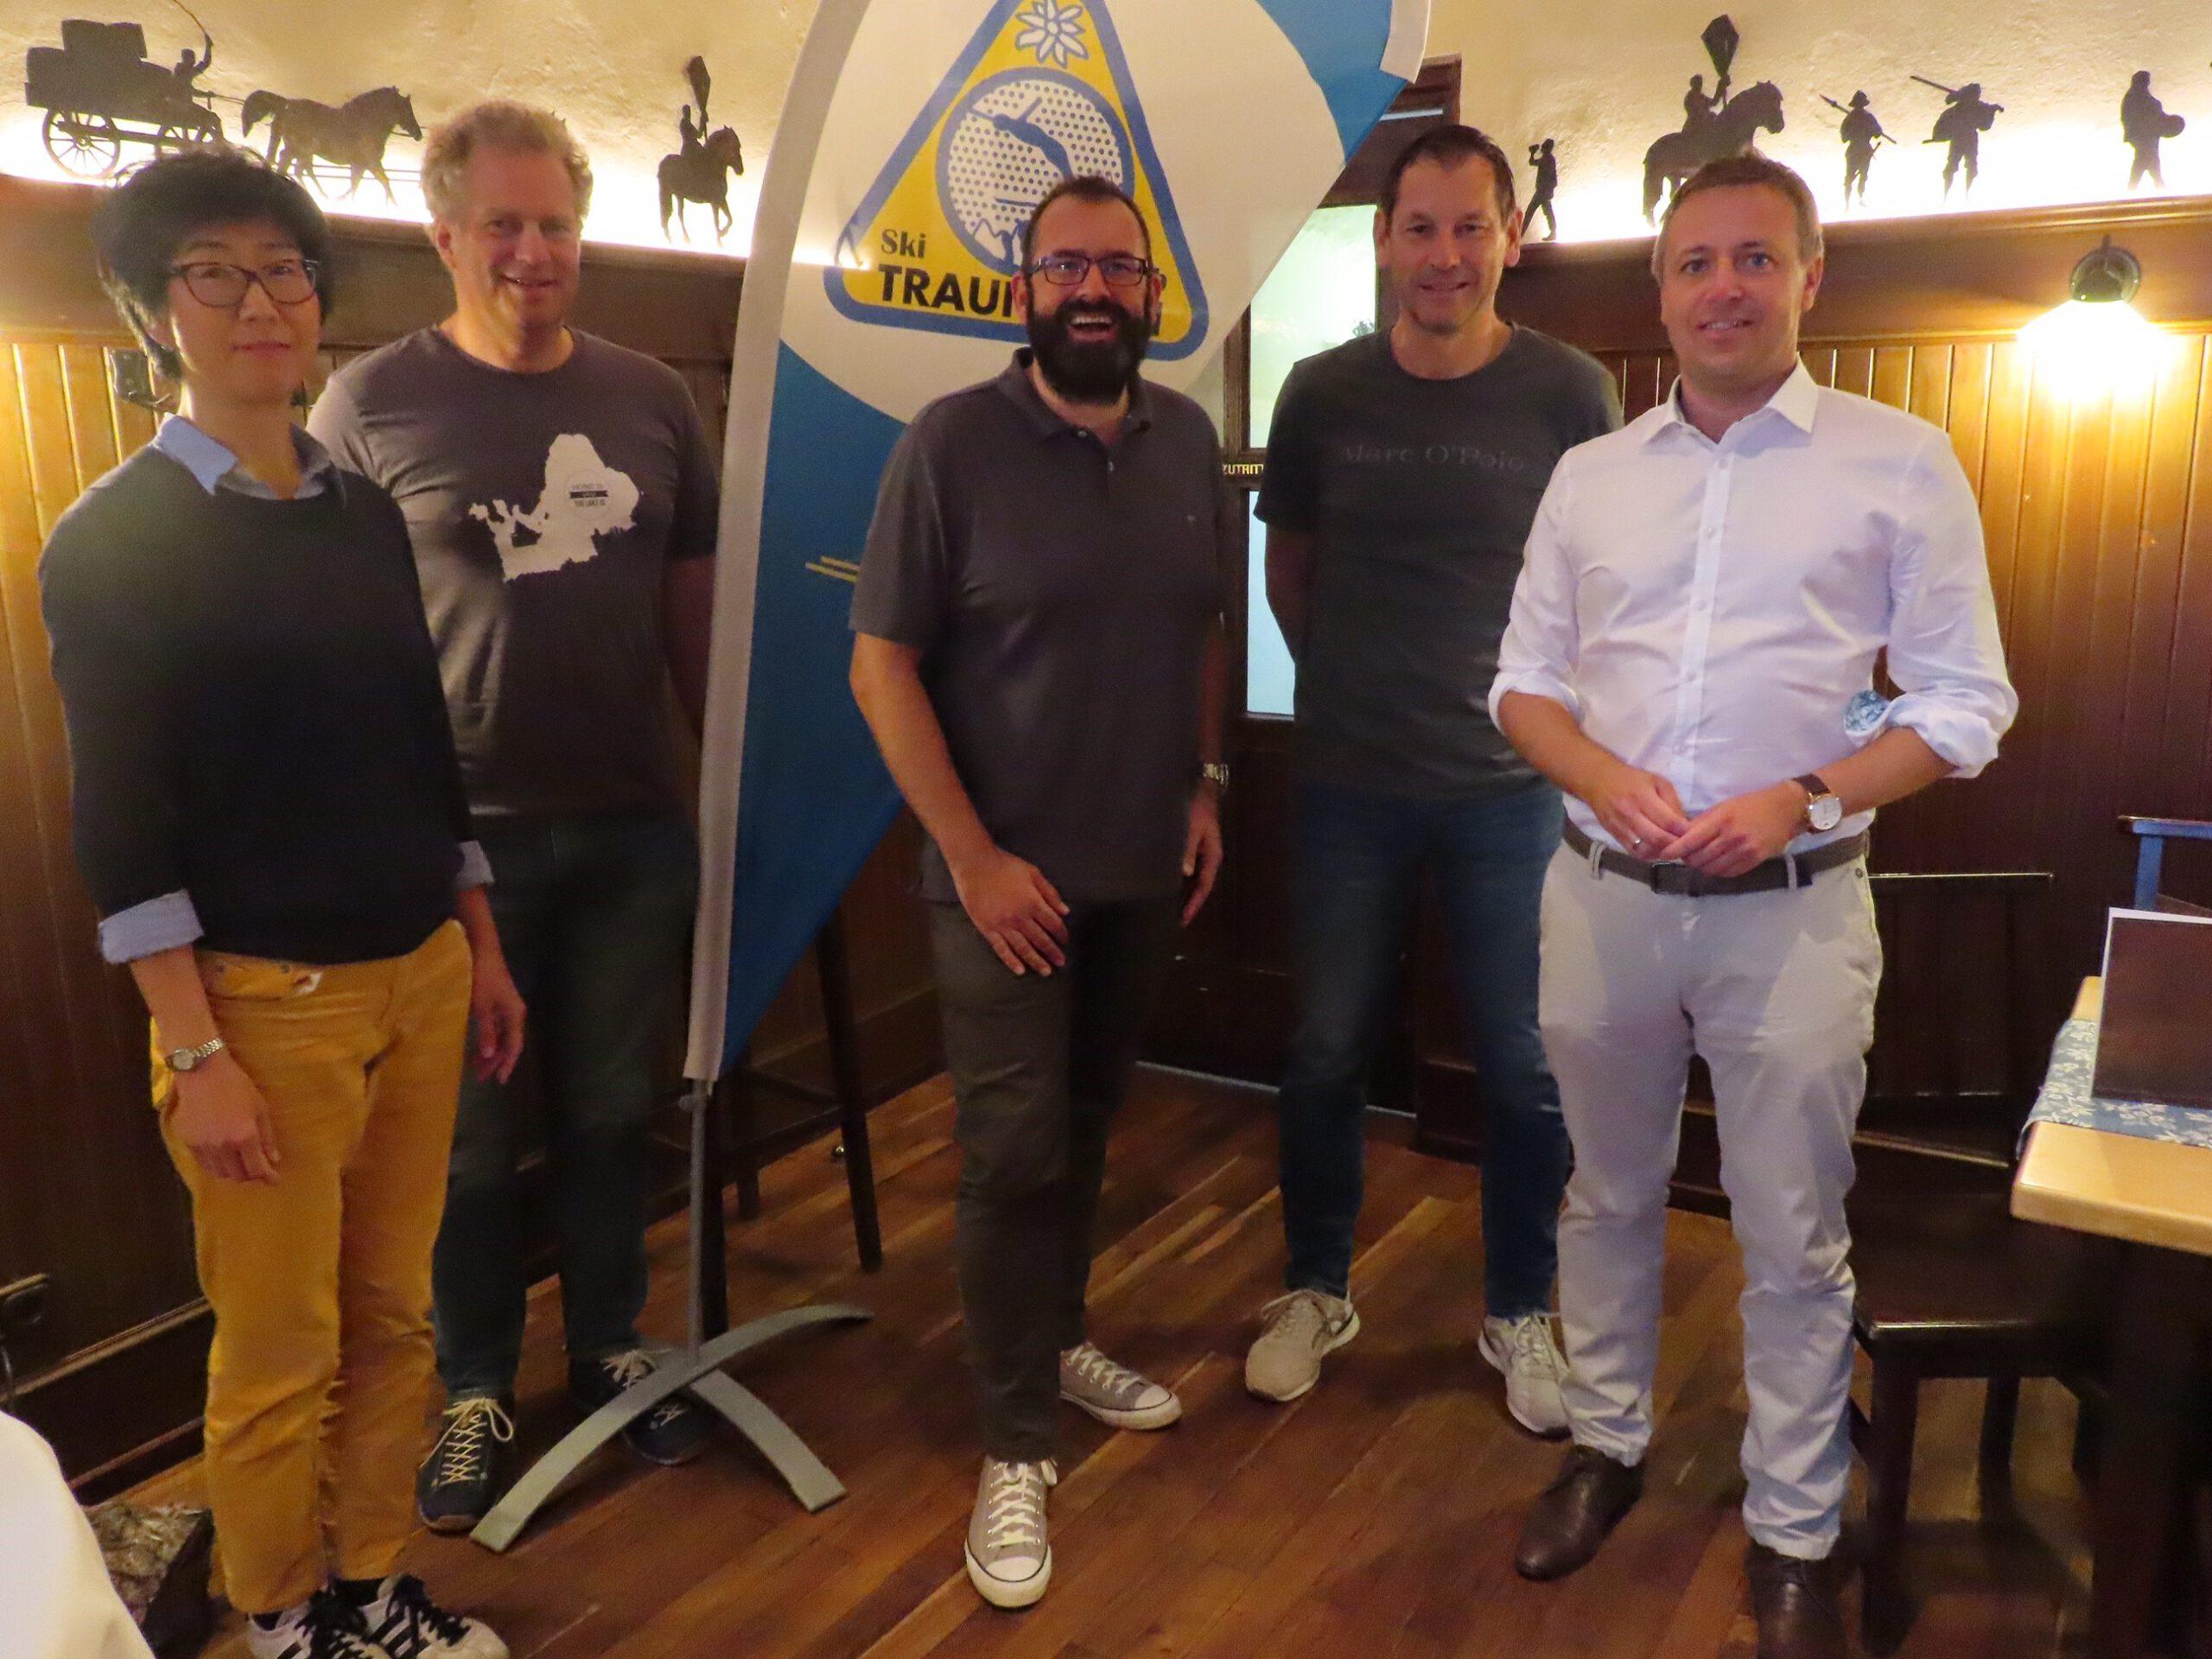 Ski-Club Traunstein Wählt Jens Nowusch Und Klaus Wudy Zum Neuen Vorstand